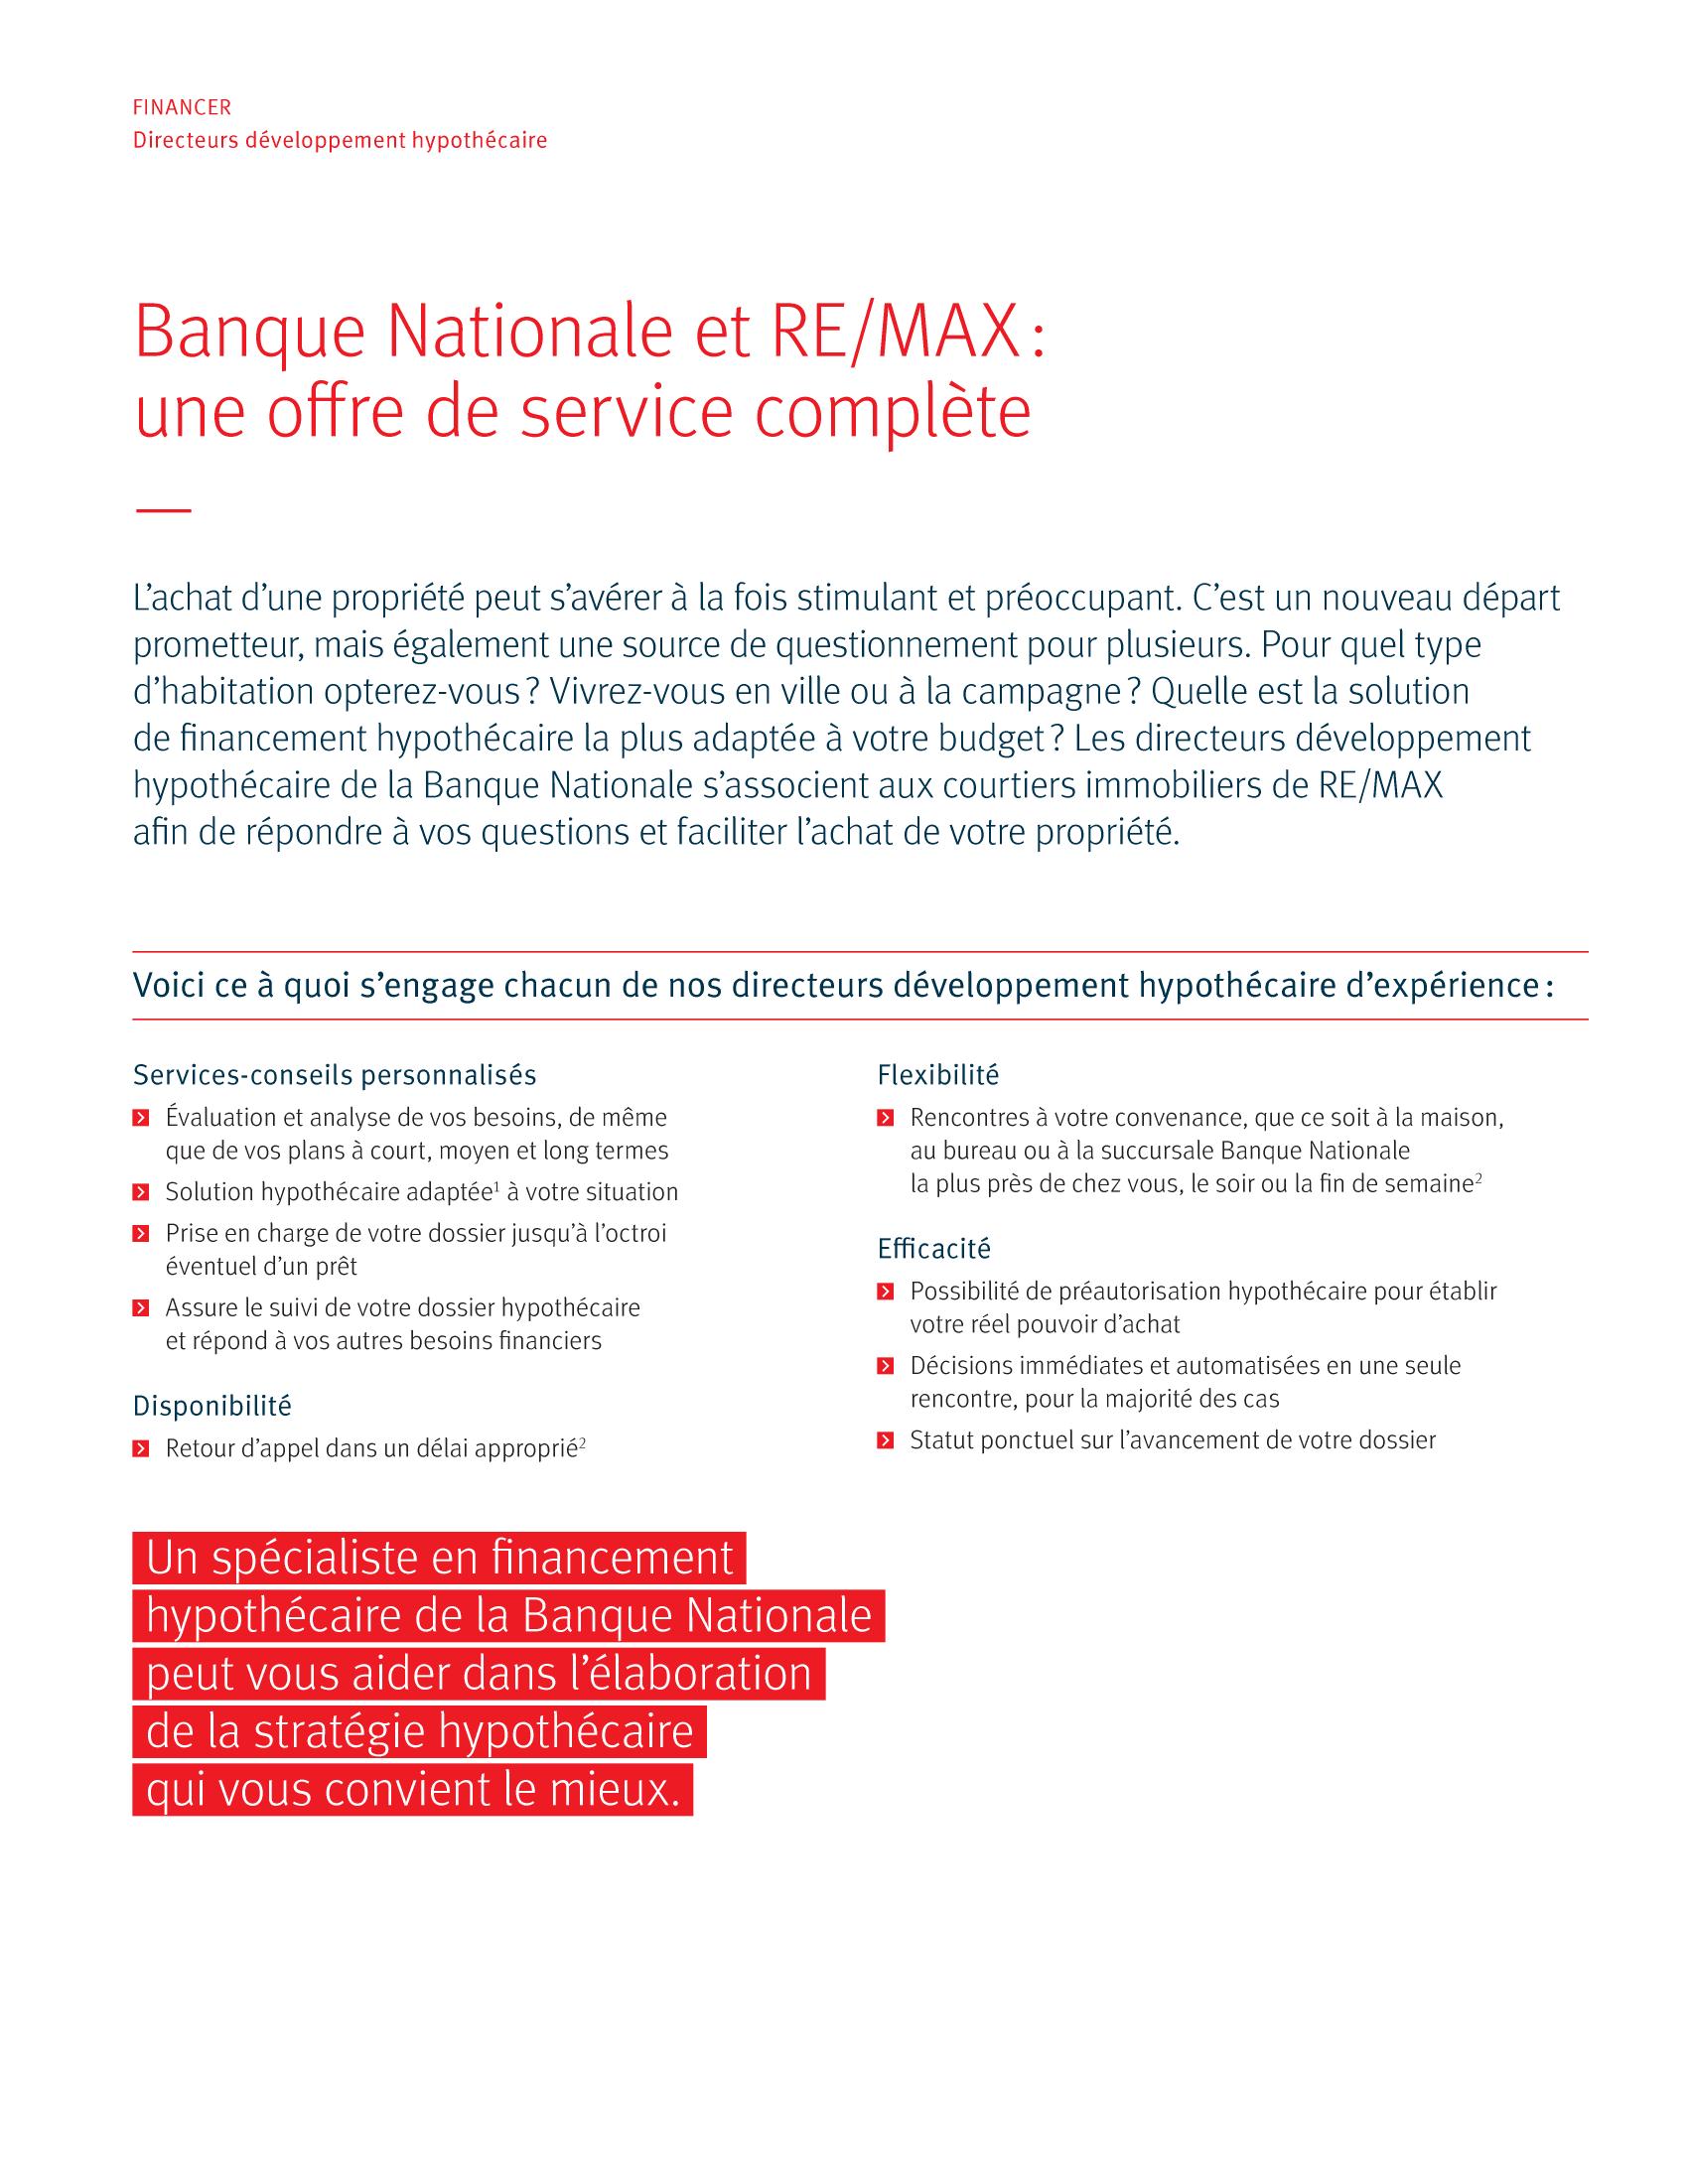 2 | Dépliant « Un partenariat riche en avantages » - RE/MAX Tranquili-t